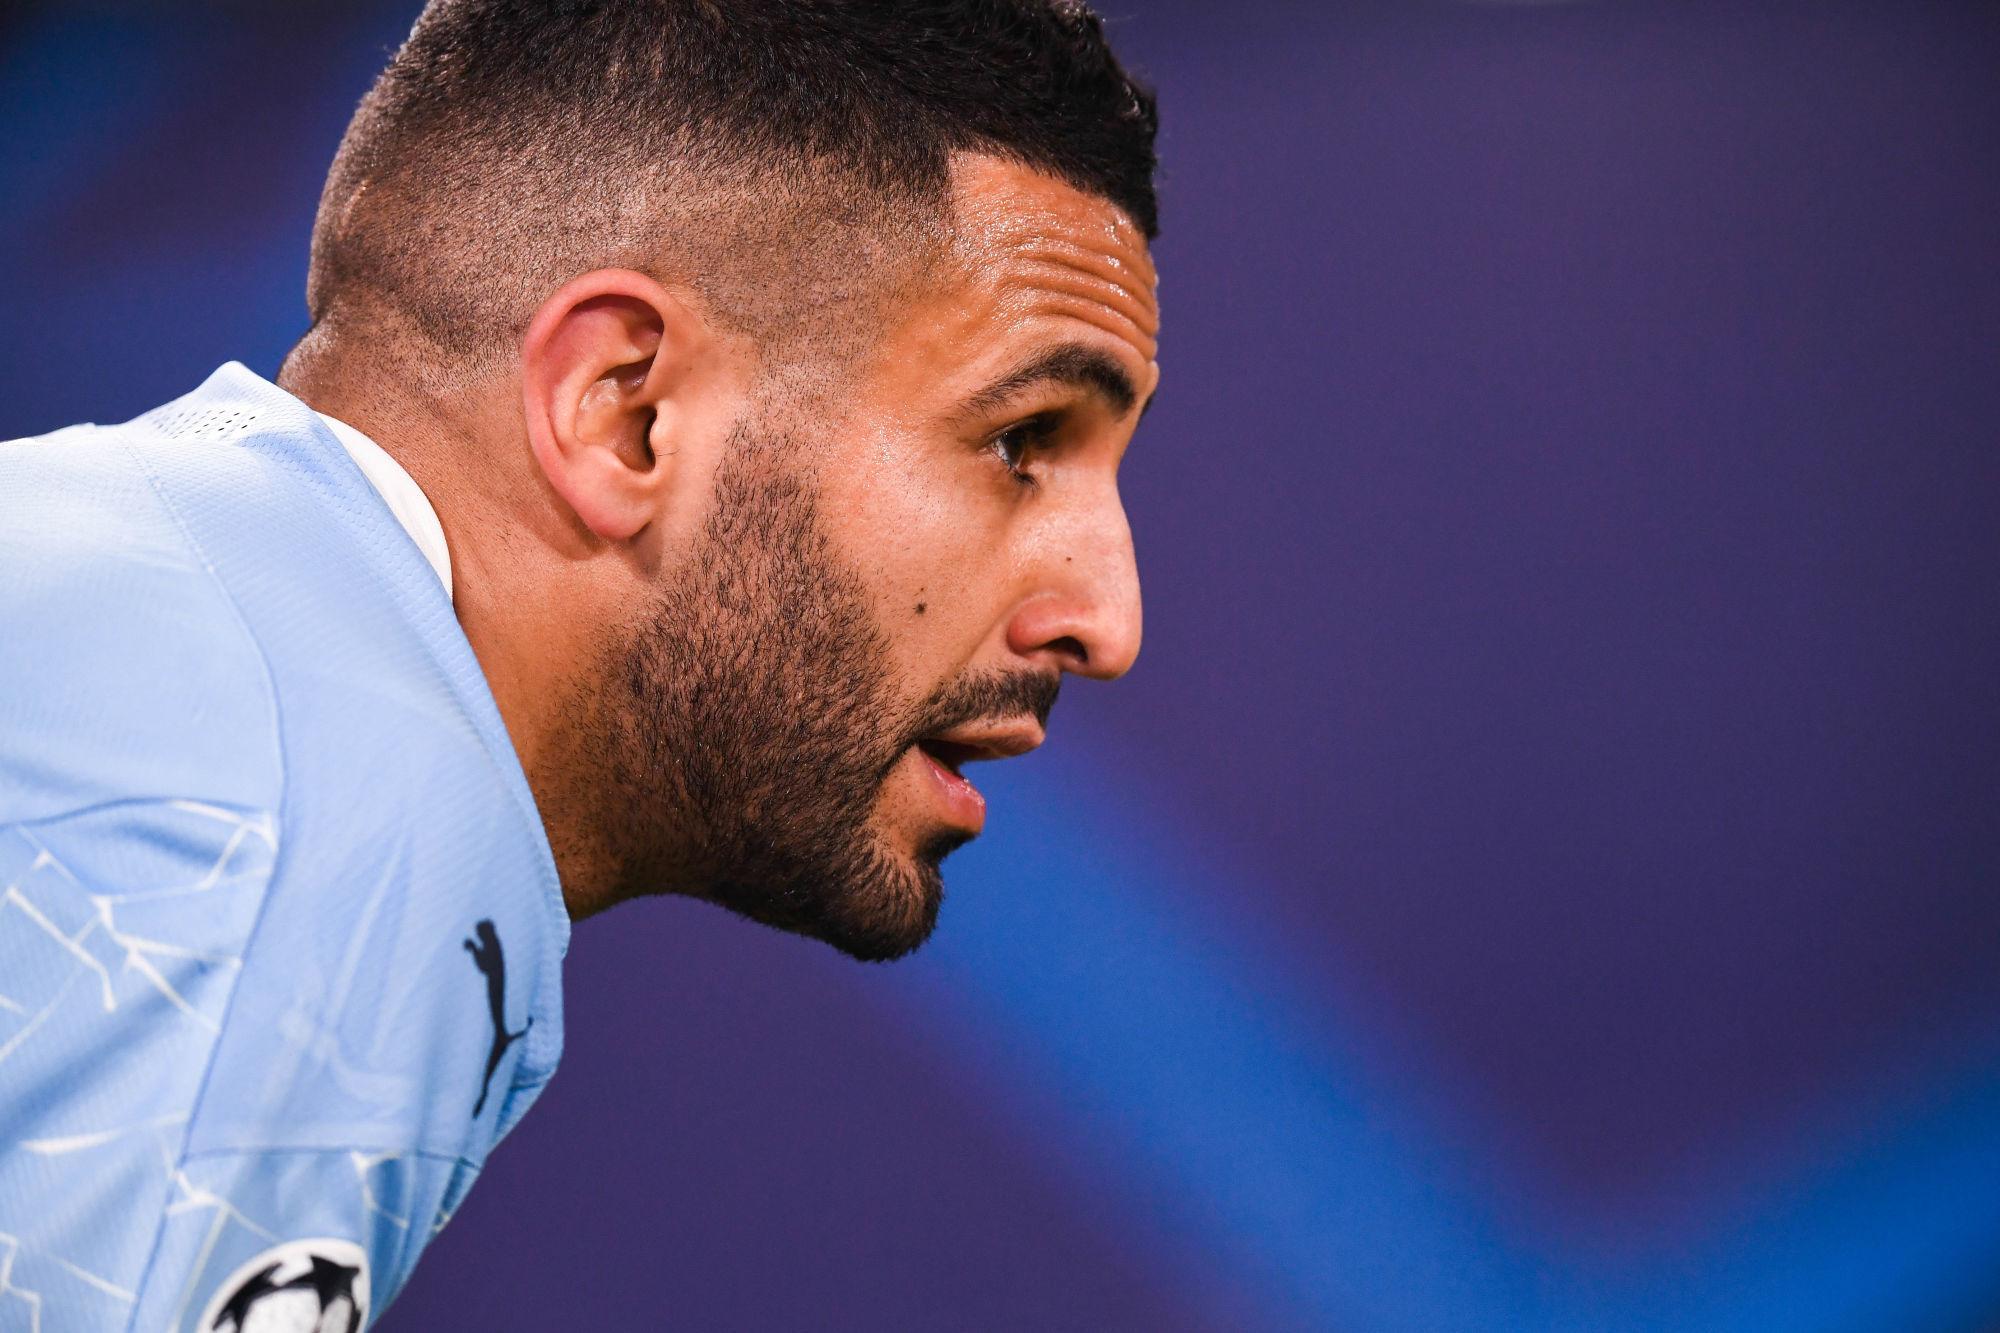 """PSG/City - Mahrez est prudent avant le retour """"cela reste ouvert"""""""